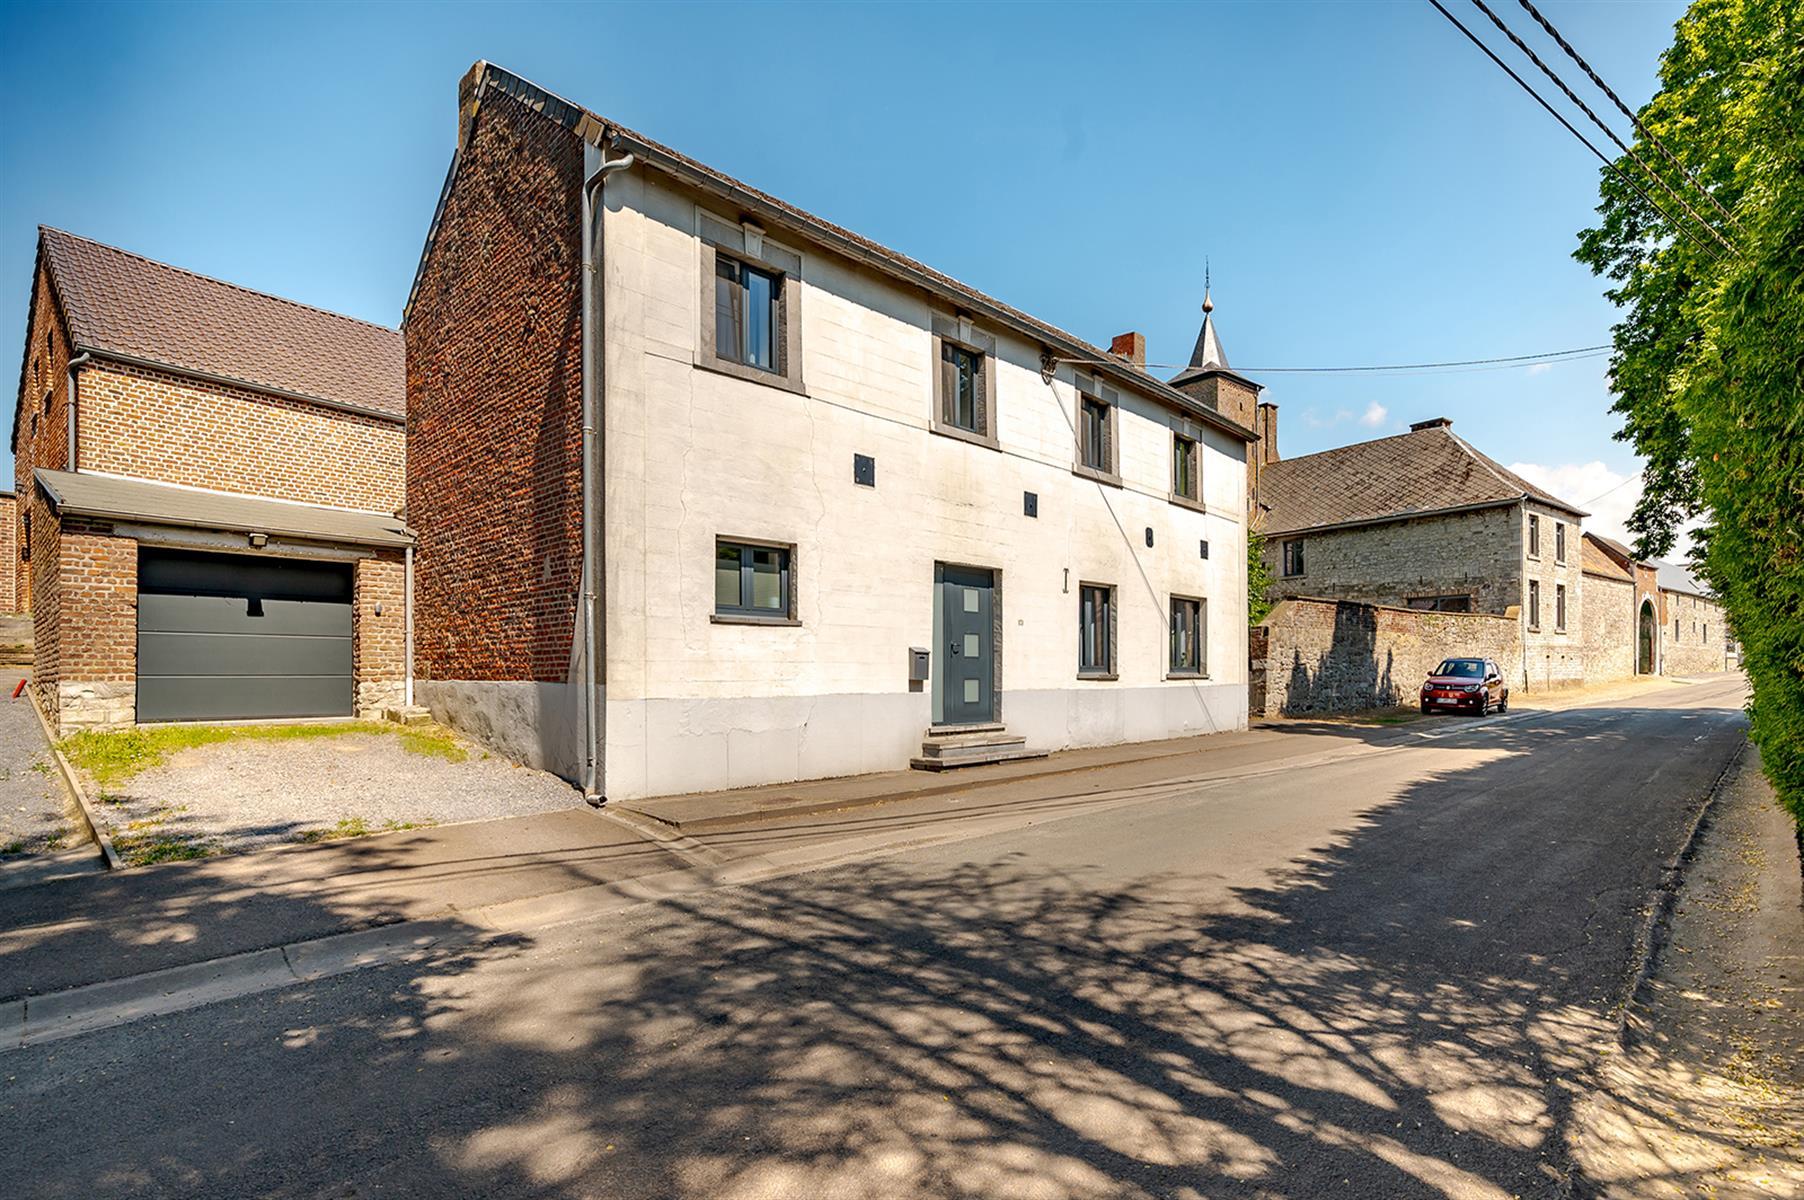 Maison - Villersle-Bouillet Warnant-Dreye - #4392377-27